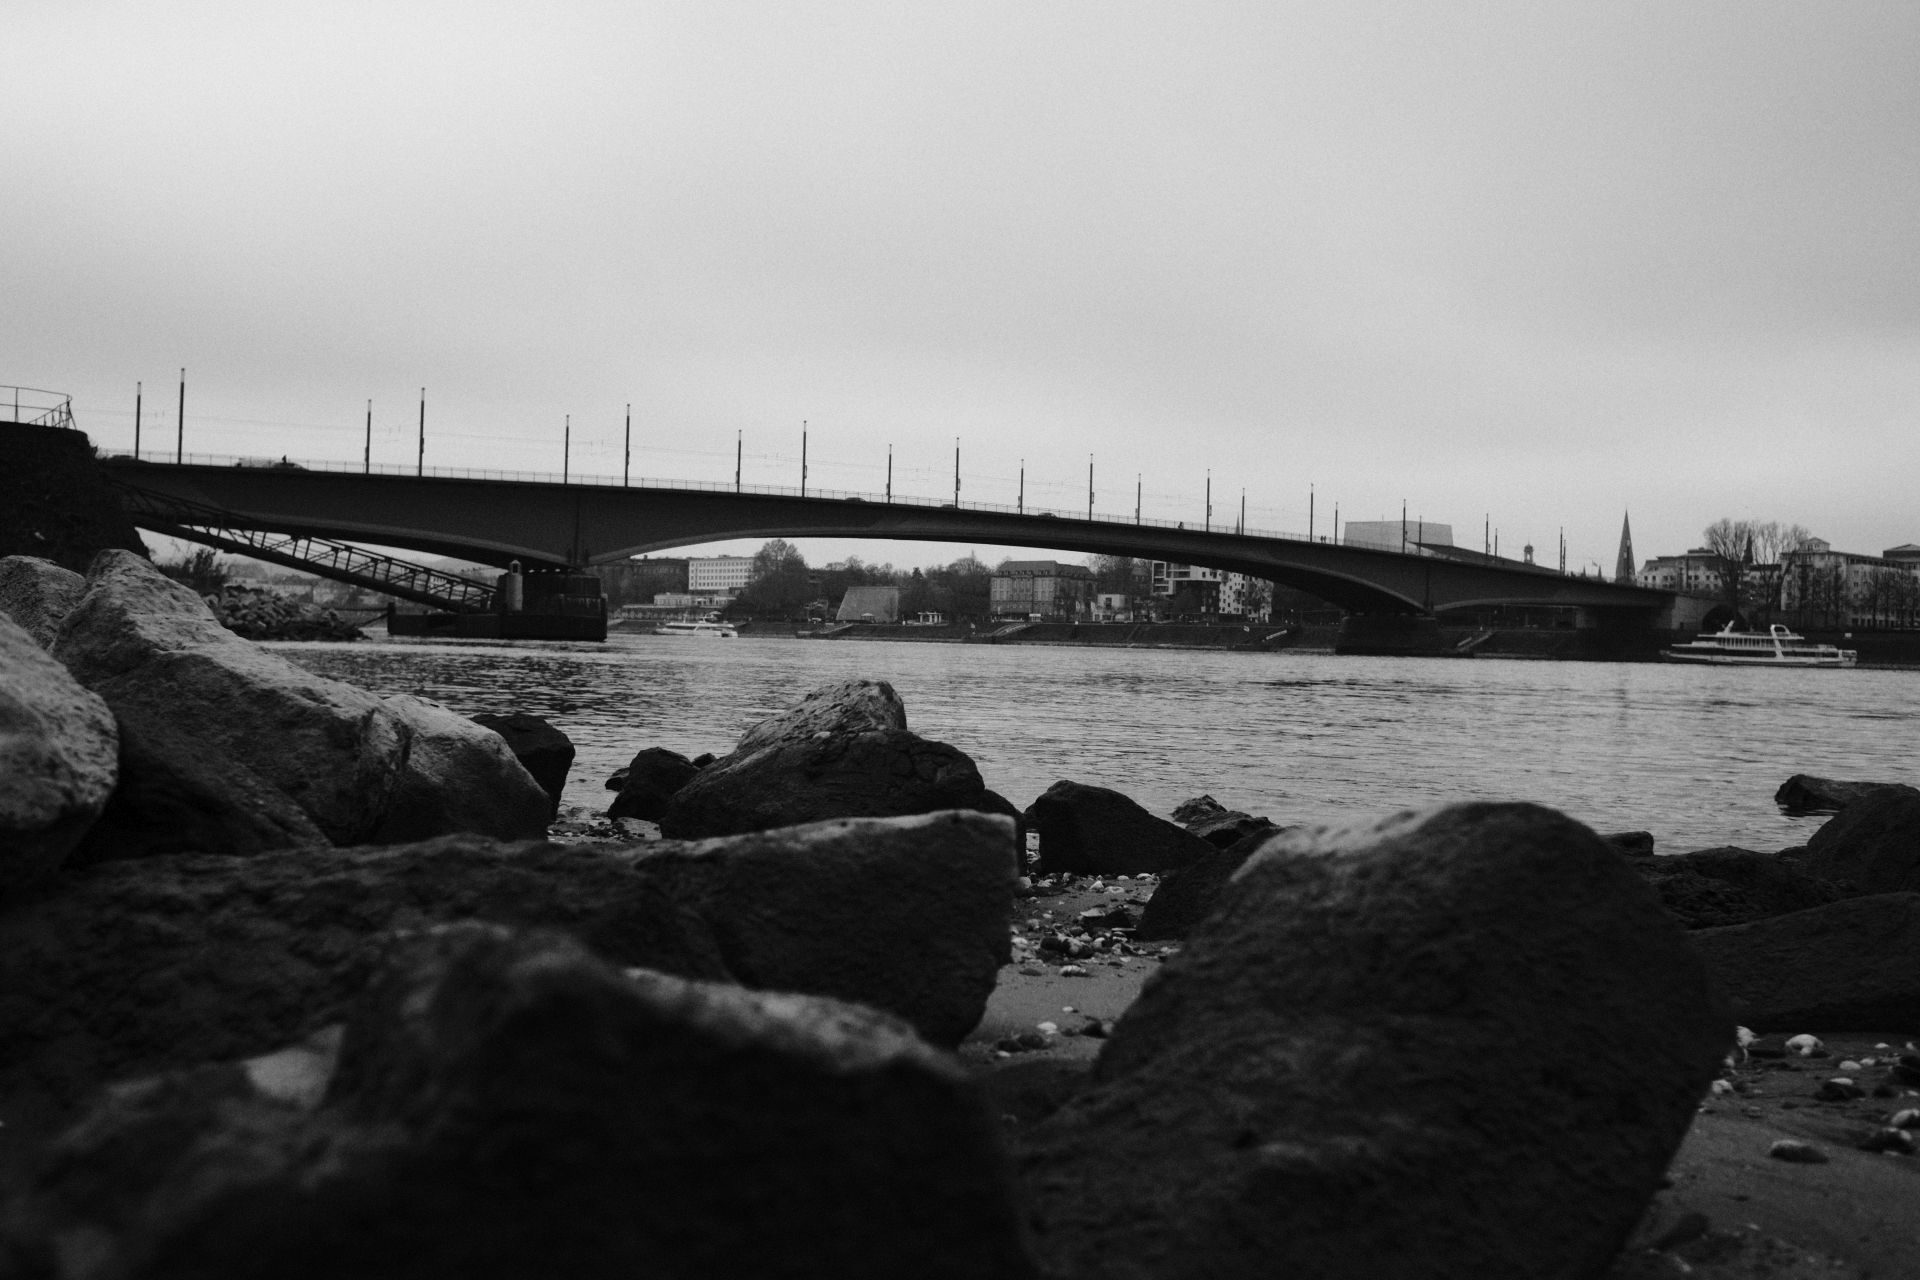 Kennedybrücke 1/3800sec ISO-3200 22mm